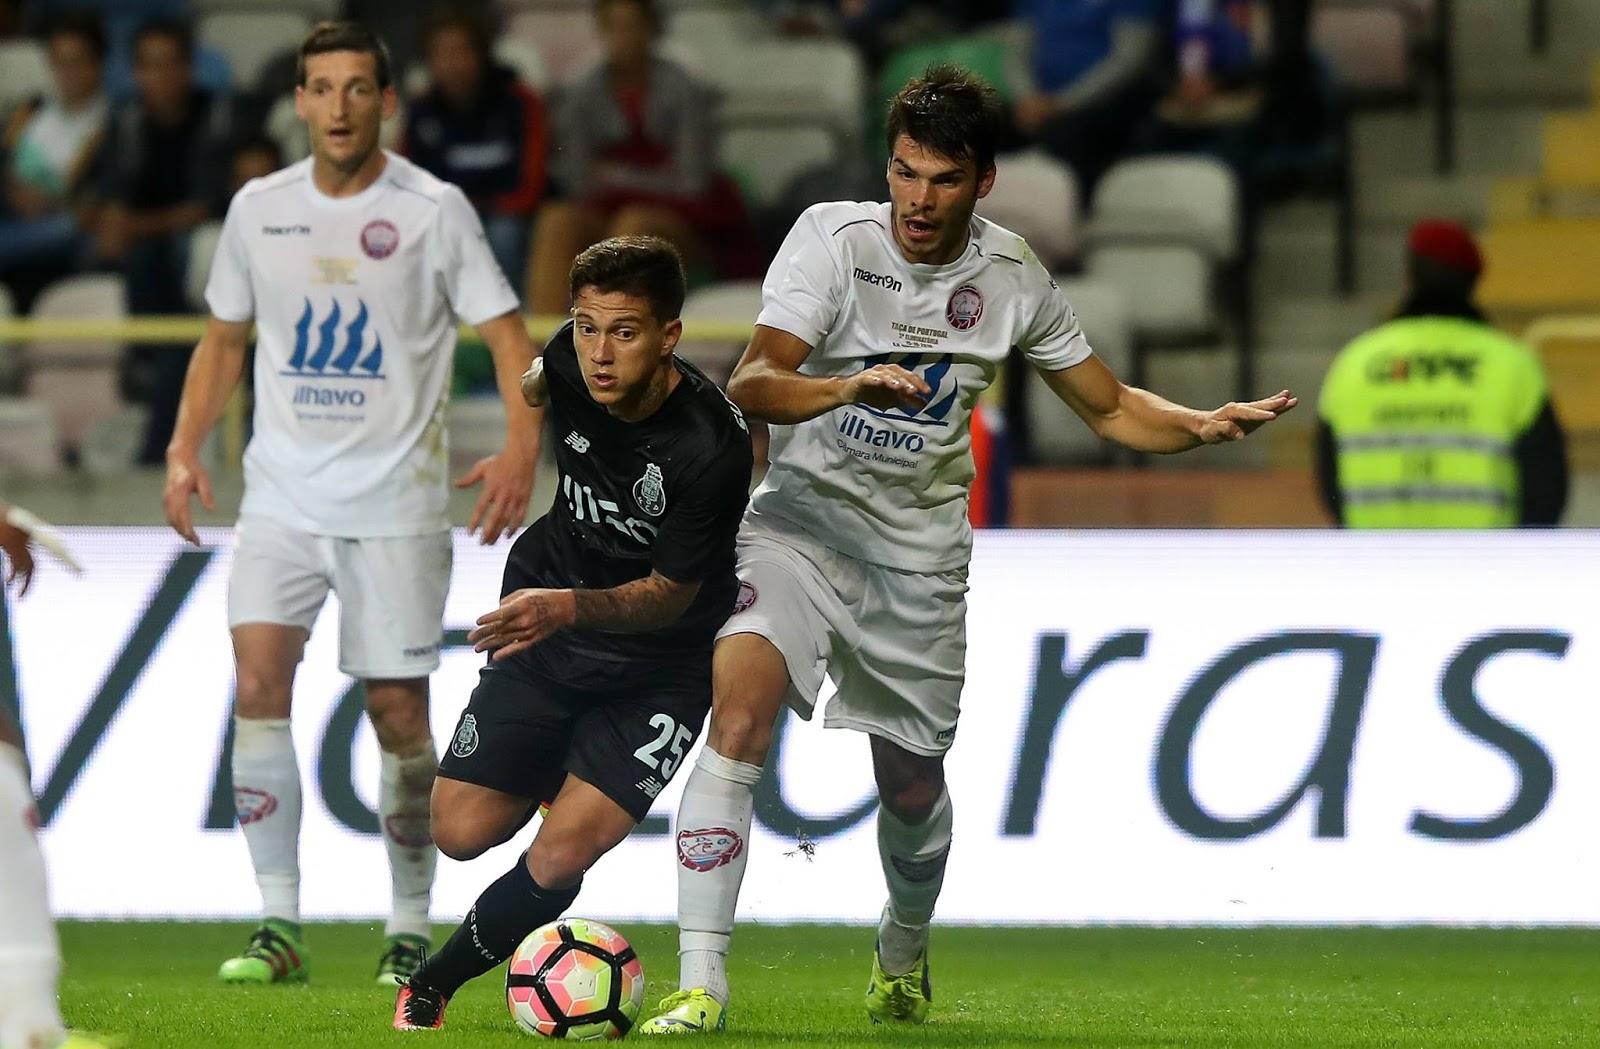 Análise GD Gafanha 0-3 FC Porto - Cimentando Uma Equipa  ACTUALIZADO  58b15076441dc